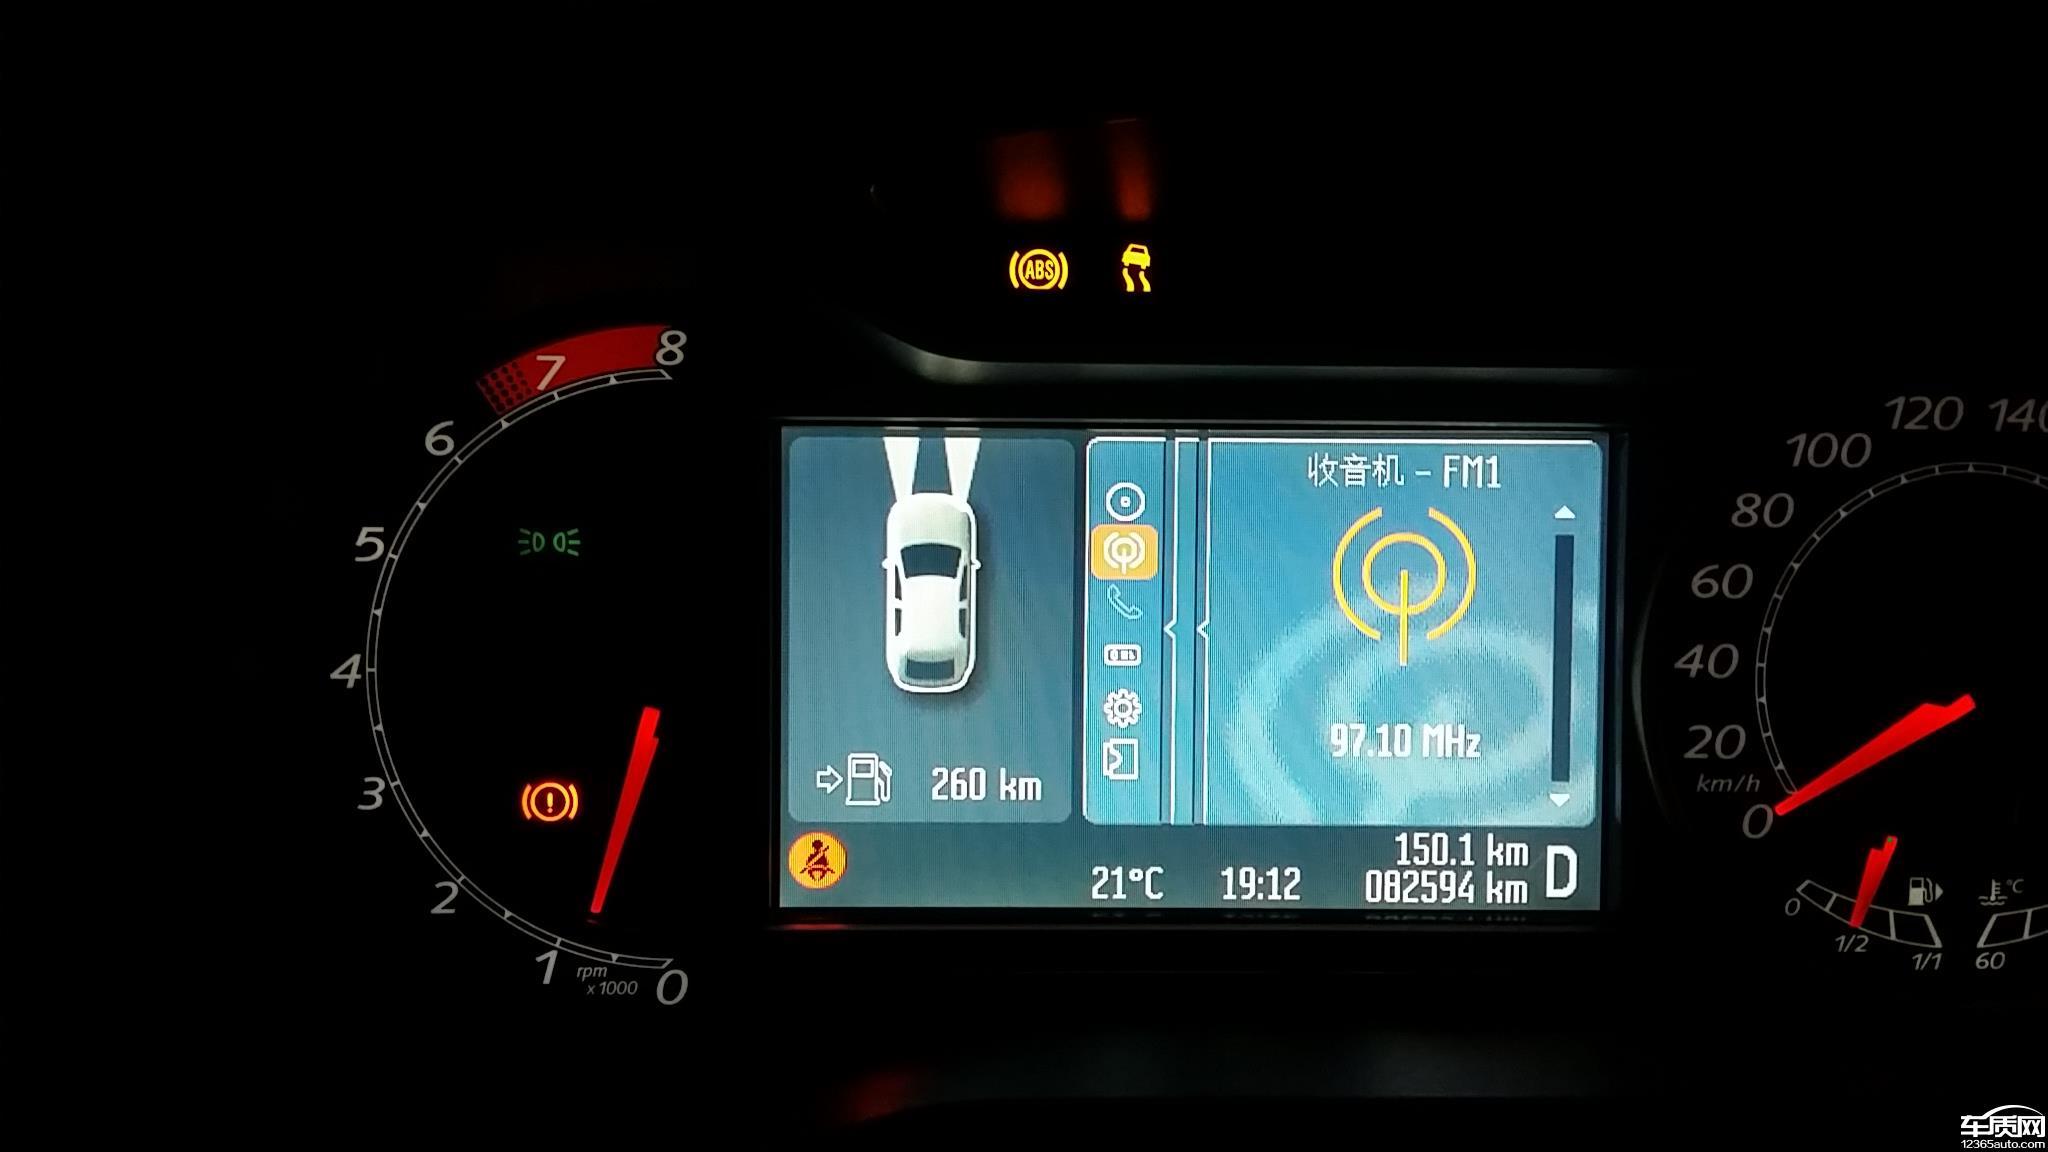 本人购福特蒙迪欧致胜2.3至尊版于2010年,行驶3年多,行程约为5万公里时,ABS,ESP,刹车灯同时亮起,重新着车后正常,刚开始时频率较低,没怎么在意,咨询4S,说是ABS泵故障,维修要8700元,工时费另外。再过几个月,故障越来越频繁,几乎都出现故障告警。4S说车辆已经过保,只能车主承担费用。难道福特车的安全系统的寿命只有3年?